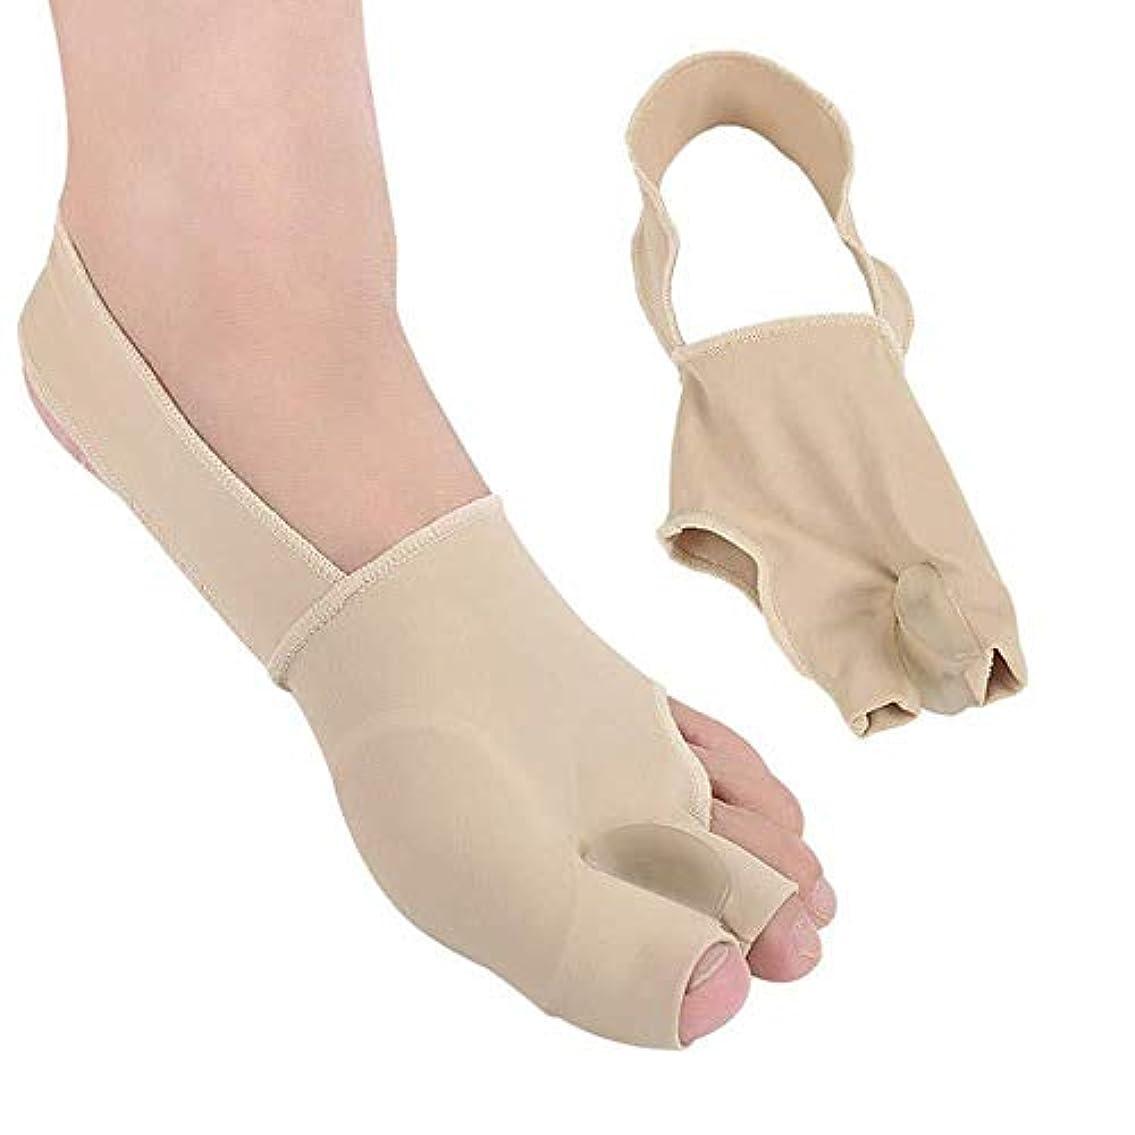 更新ジレンマ最後のつま先セパレーター、足の痛みを緩和する運動の治療のための超薄型整形外科のつま先の外反母supportサポート,S